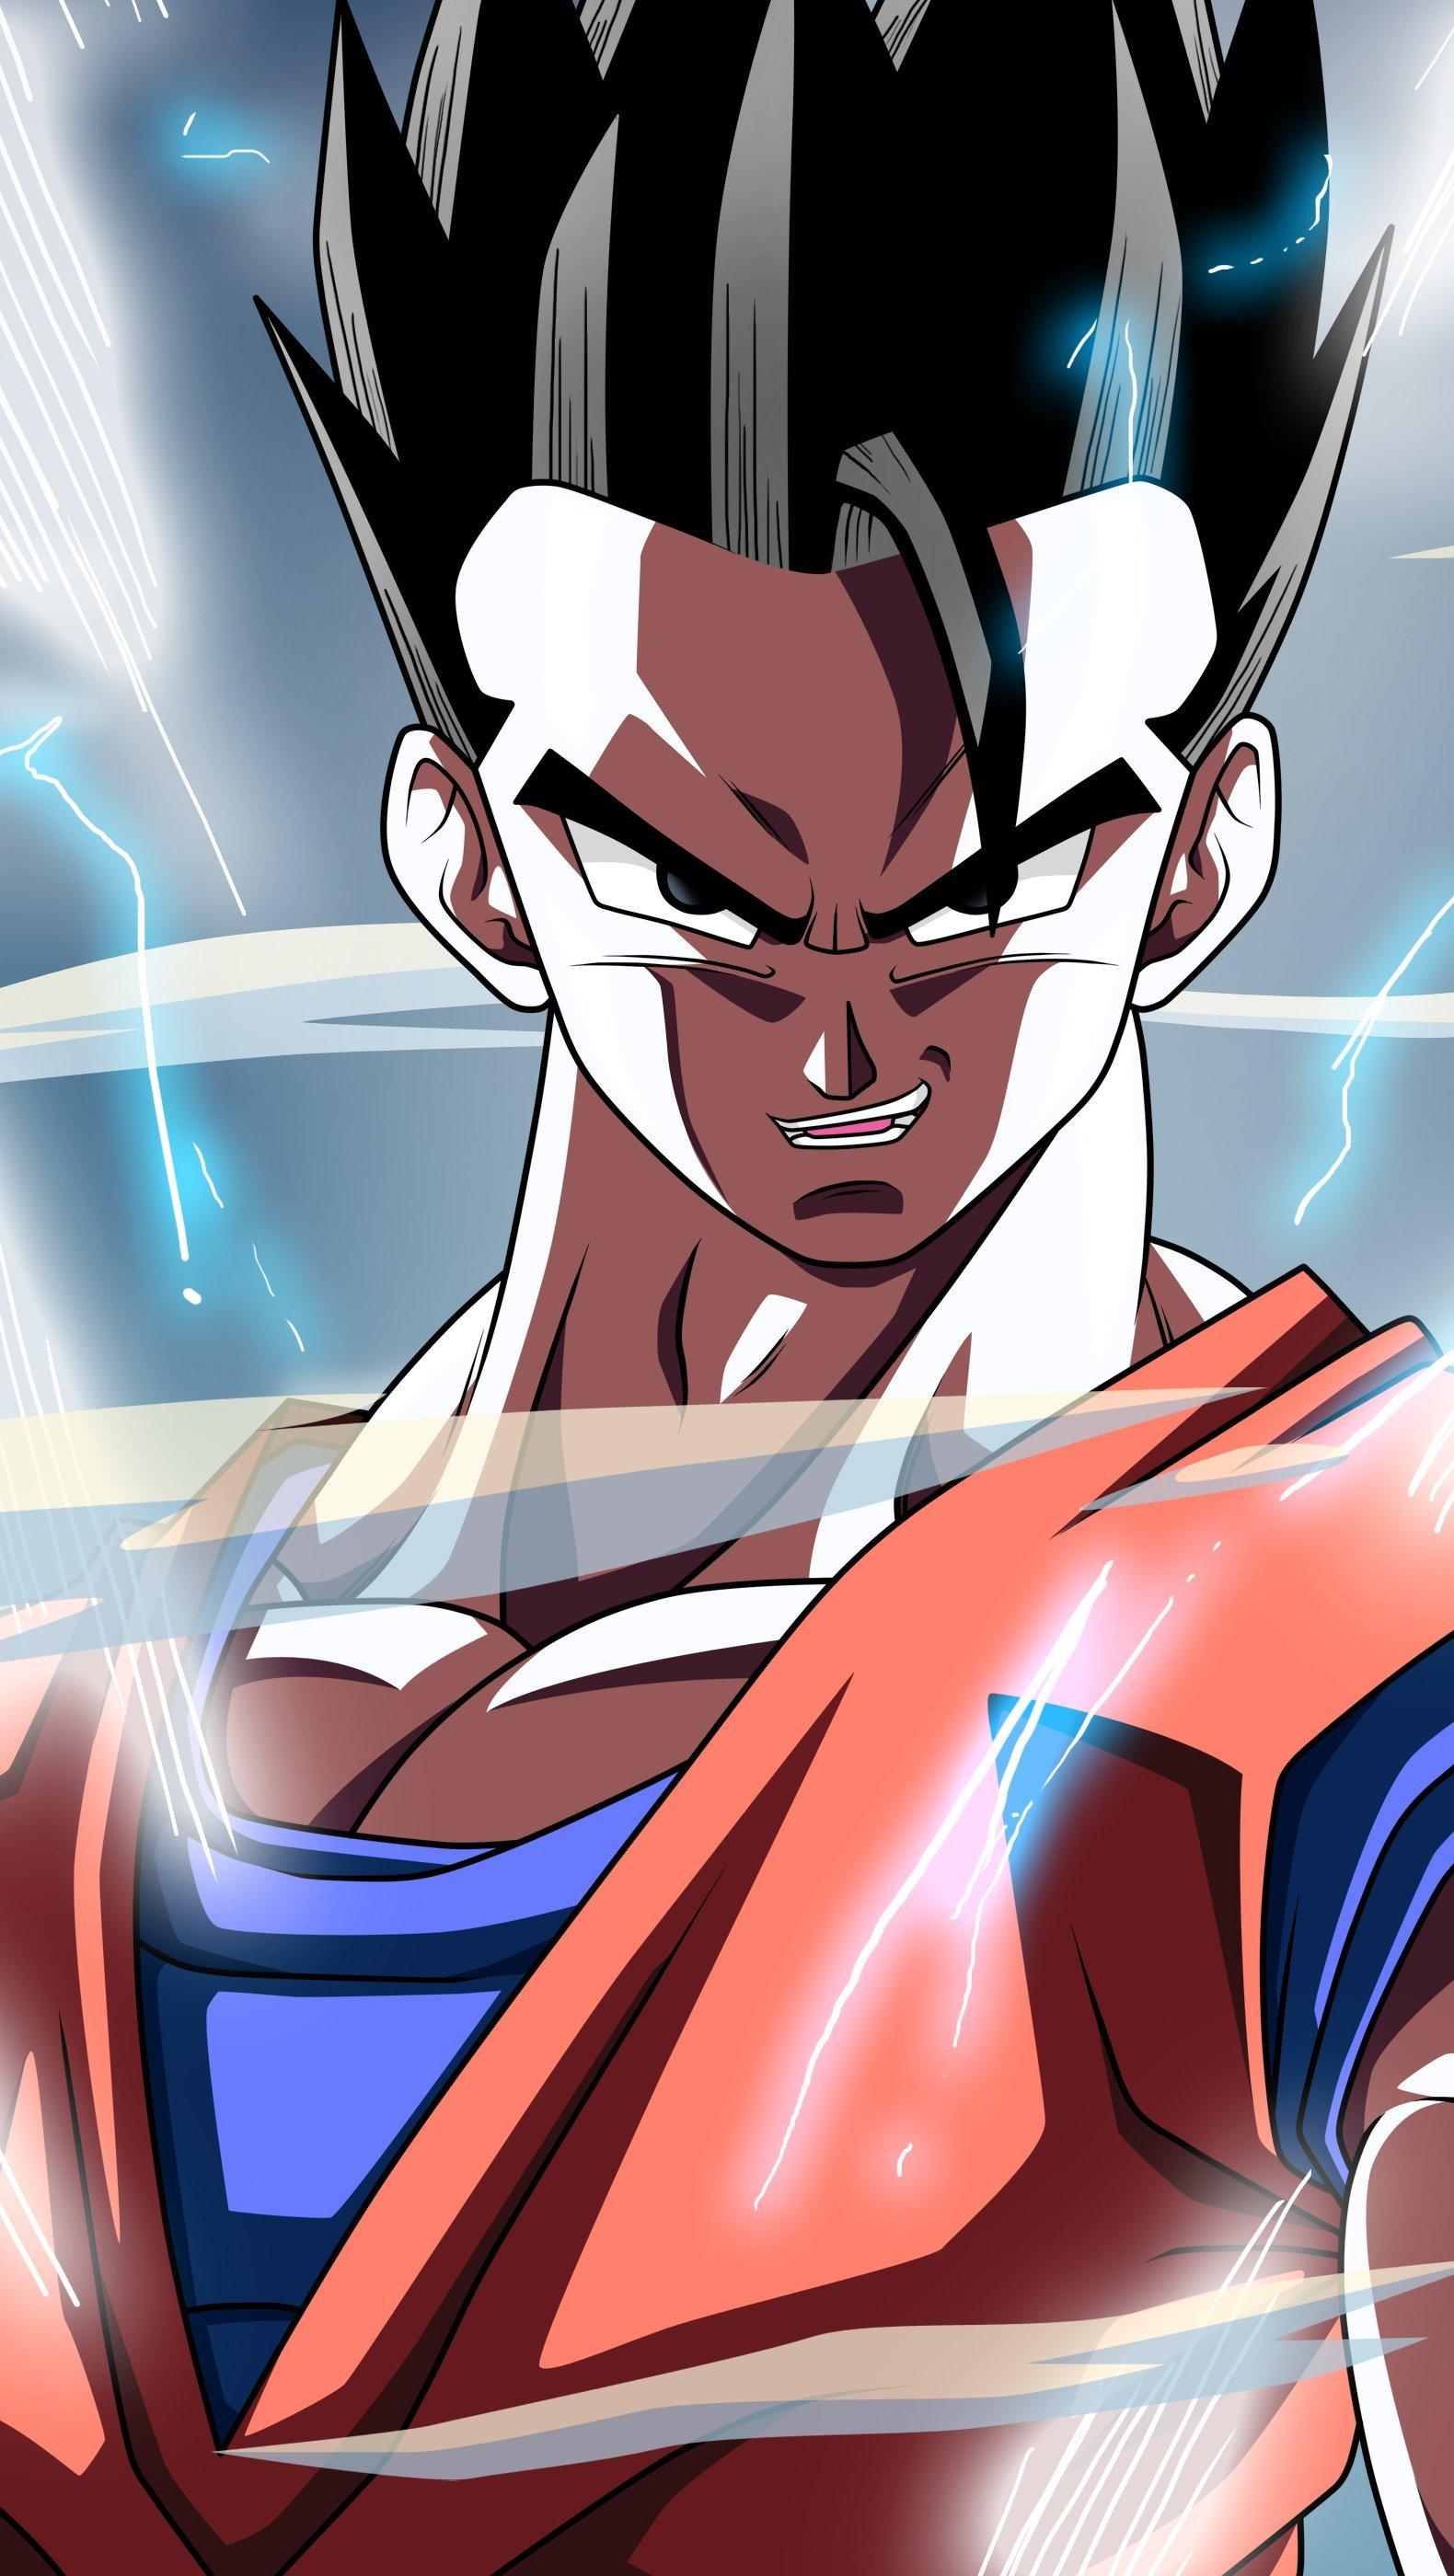 Fondos de pantalla Anime Ultimate Gohan Dragon Ball Vertical